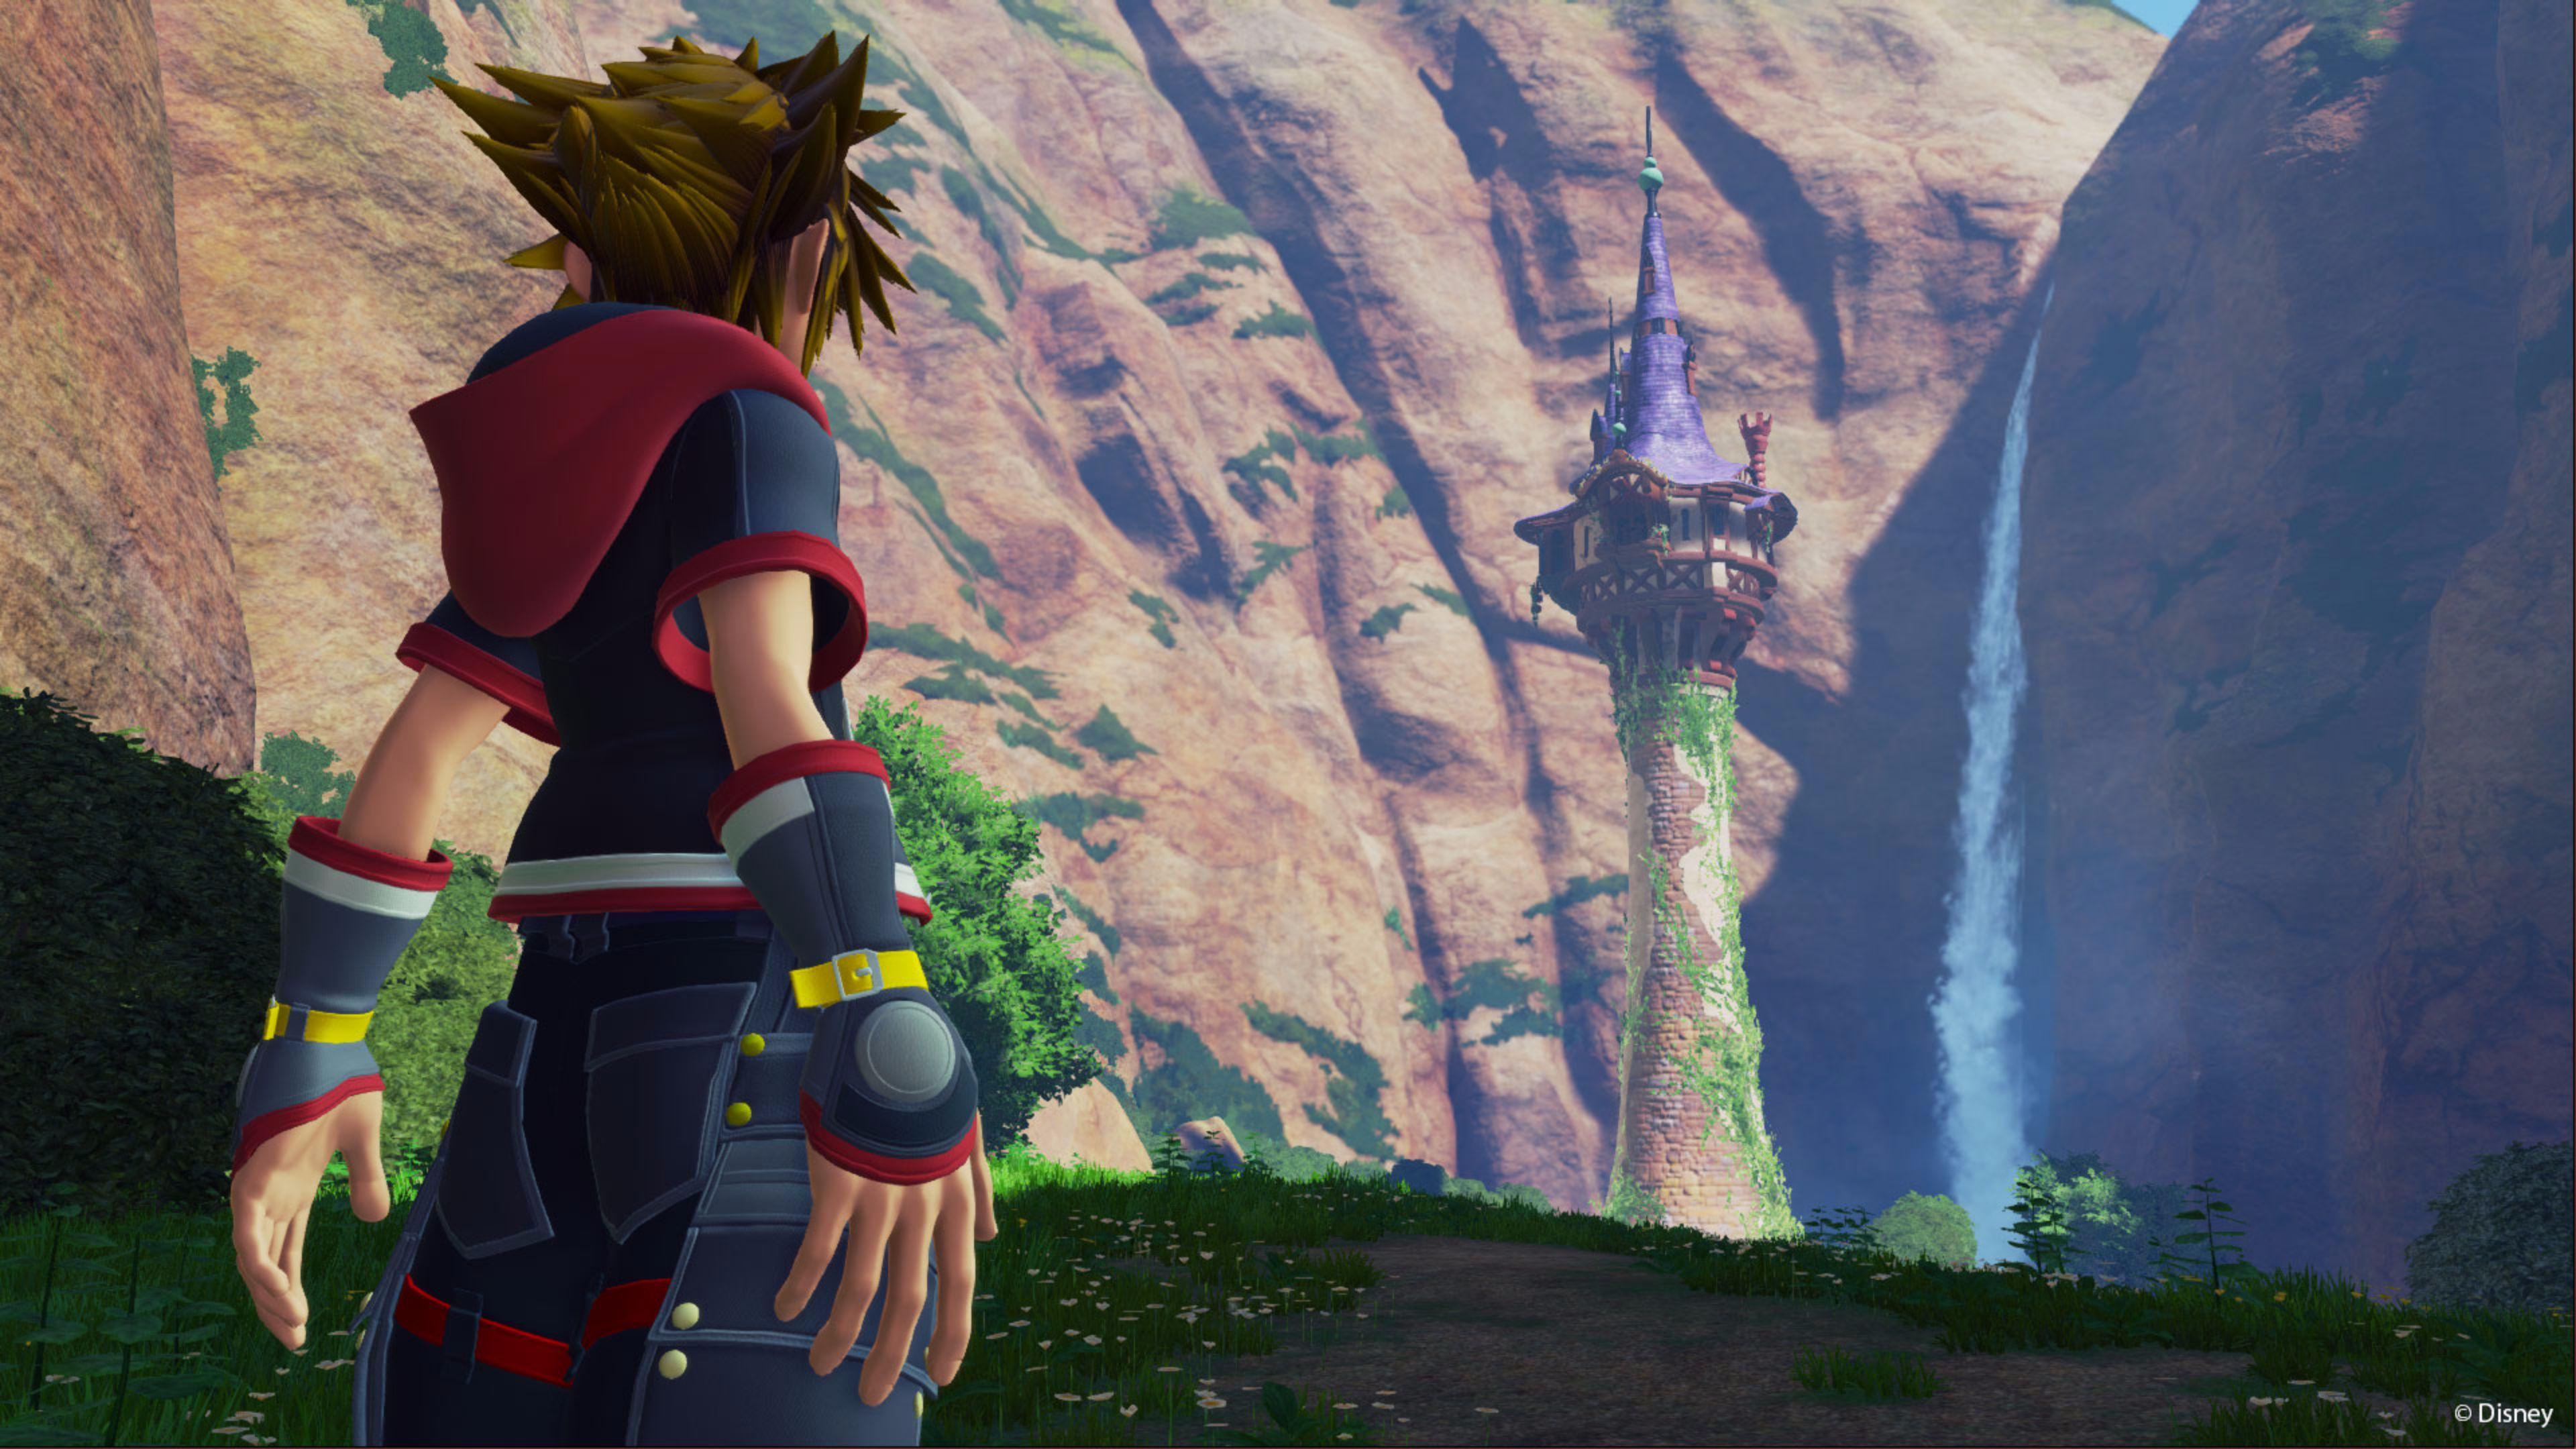 Sora Kingdom Hearts 3 Ps4wallpapers Com